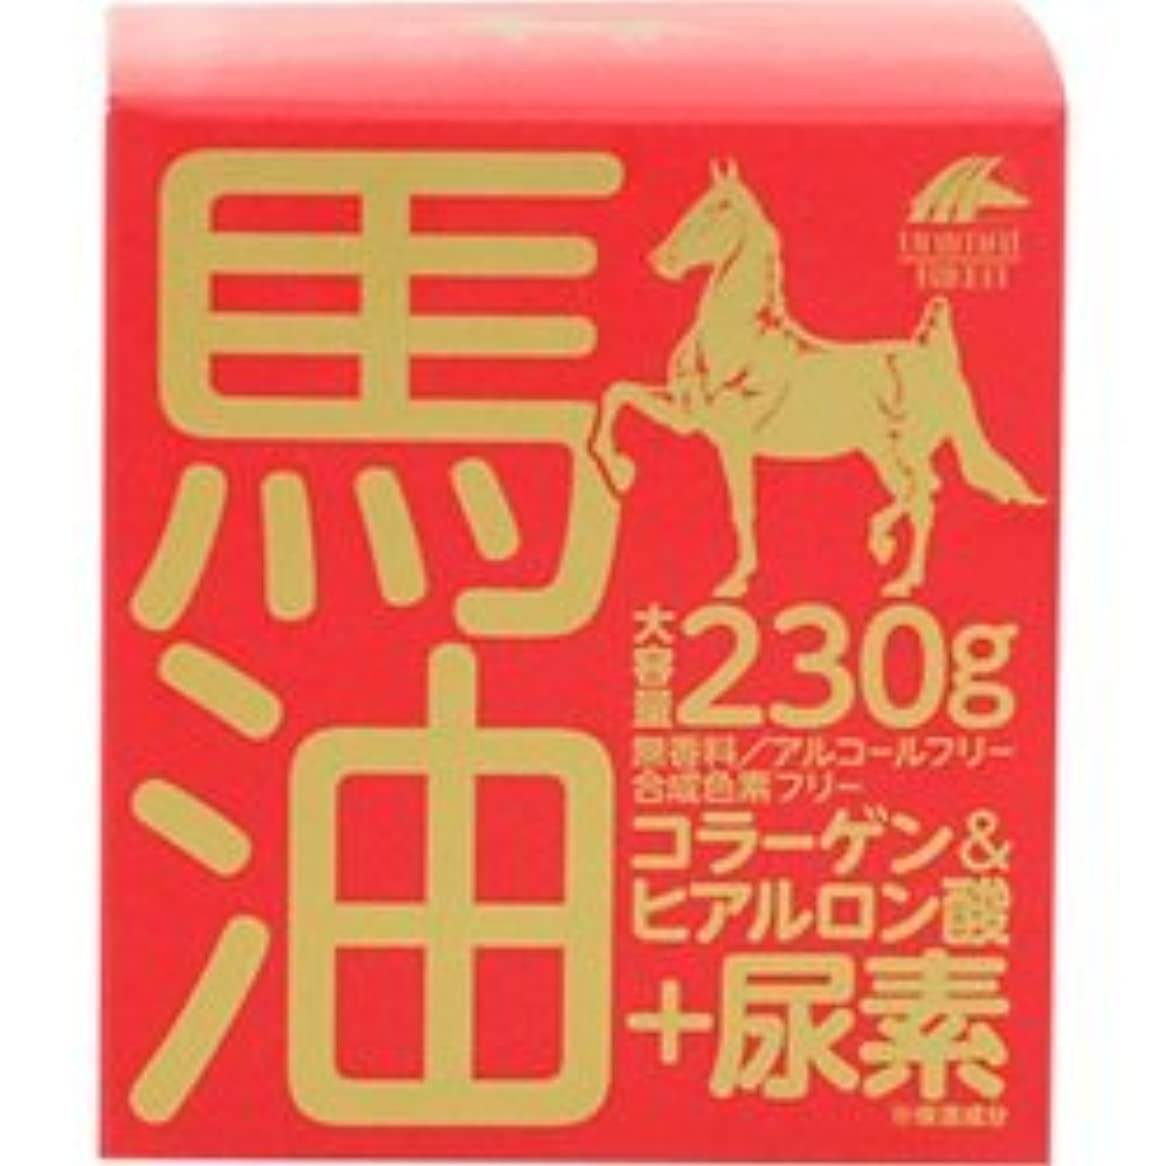 野心多様な幅【ユニマットリケン】馬油クリーム+尿素 230g ×10個セット